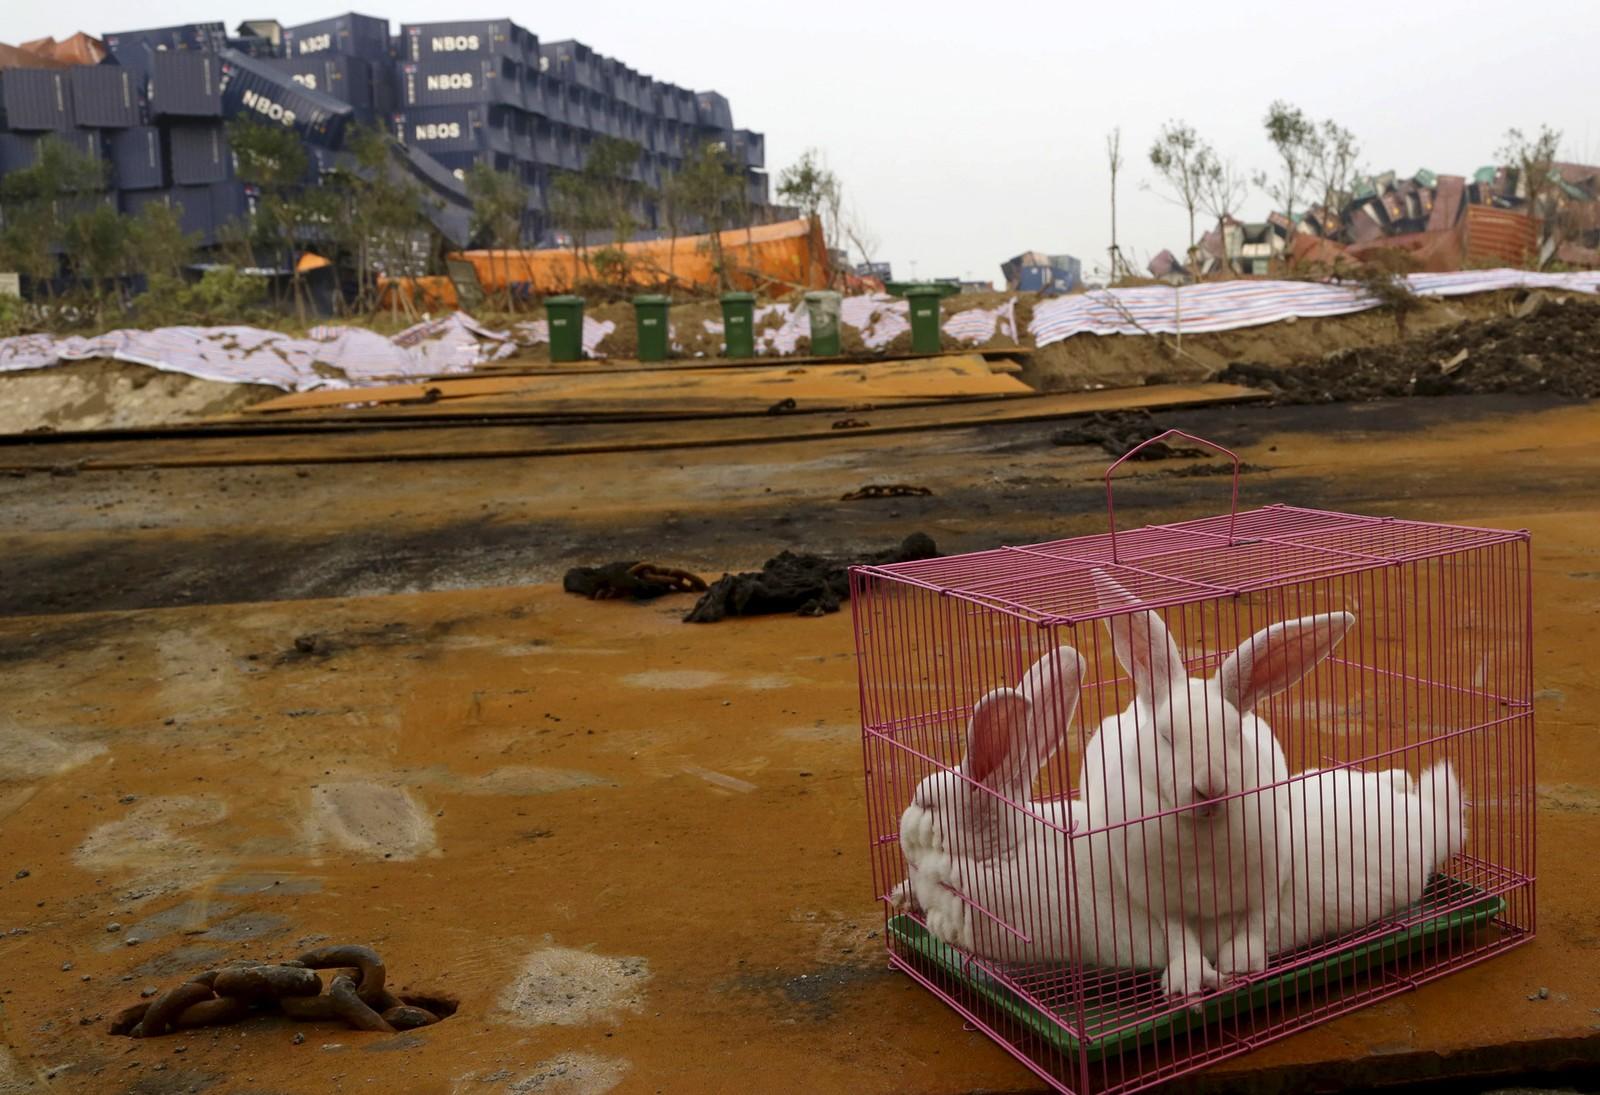 Et kaninbur plassert ut av kinesiske myndigheter nær stedet der den eksplosjonsartede brannen brøt ut forrige uke. Formålet var visstnok å se om området i Taijin var levelig også for mennesker.